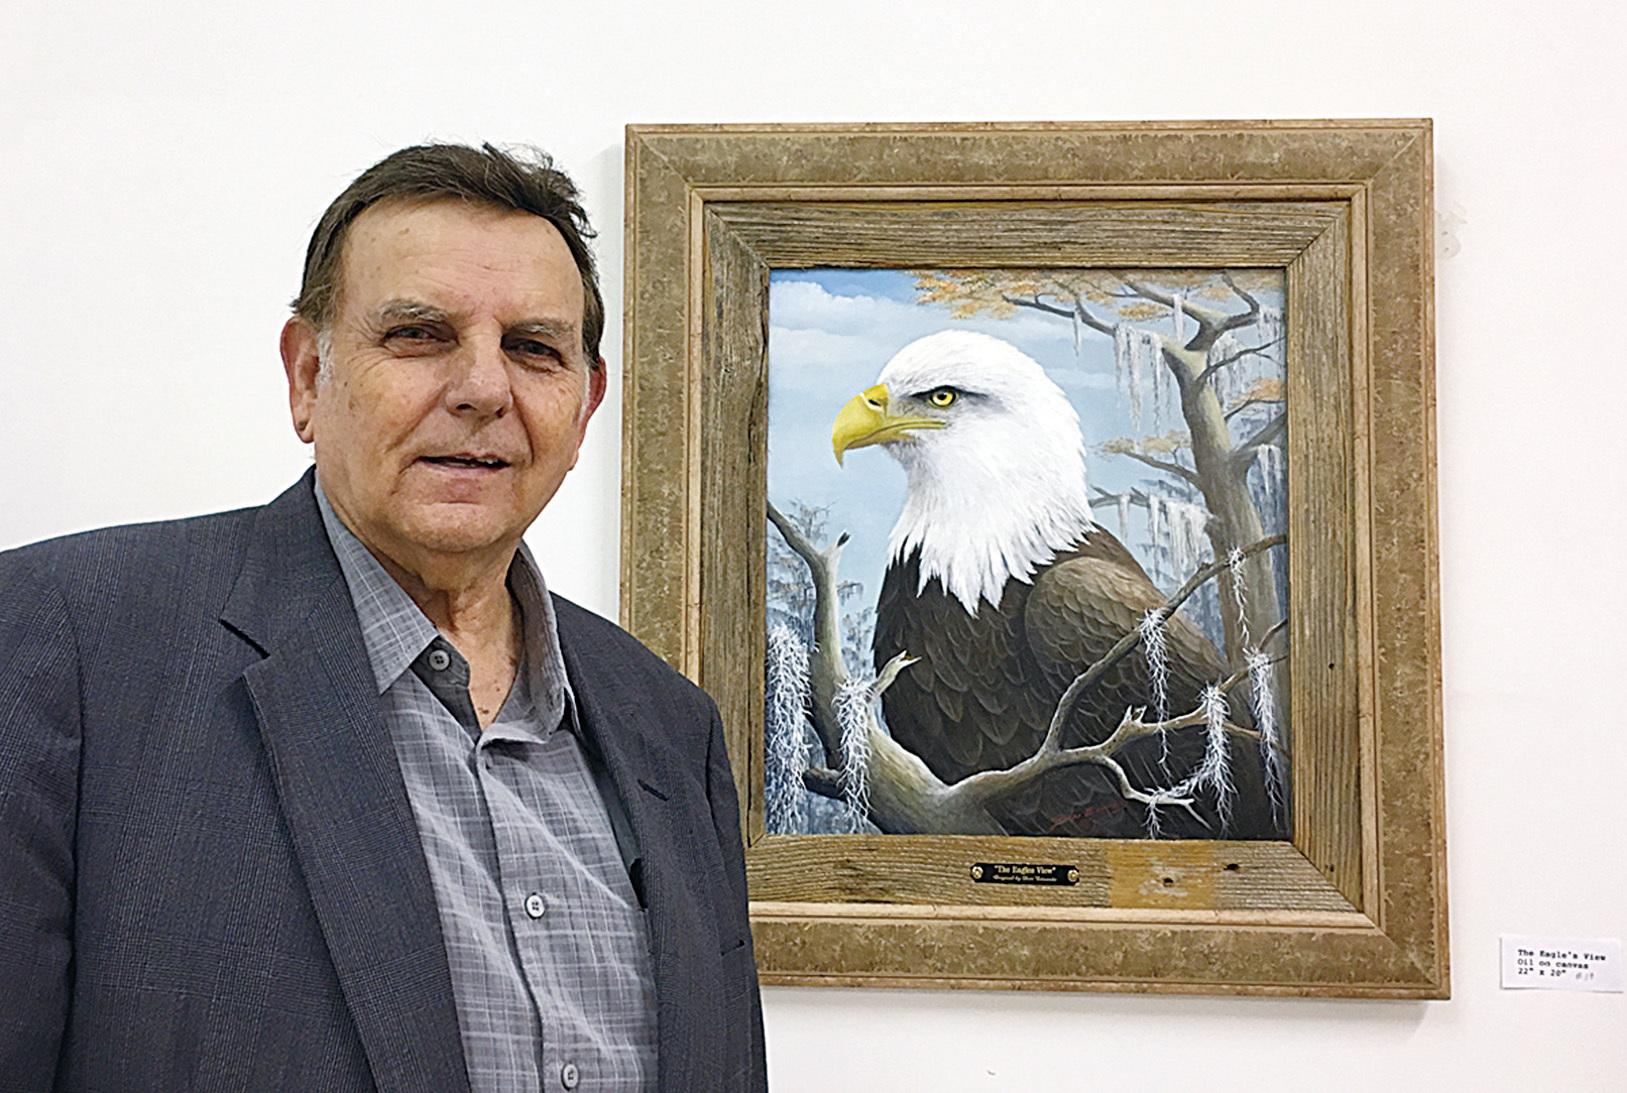 路易斯安那州畫家Donald Edwards在紐約舉辦個人油畫展《野生動物展》的開幕式上現身。(林南/大紀元)